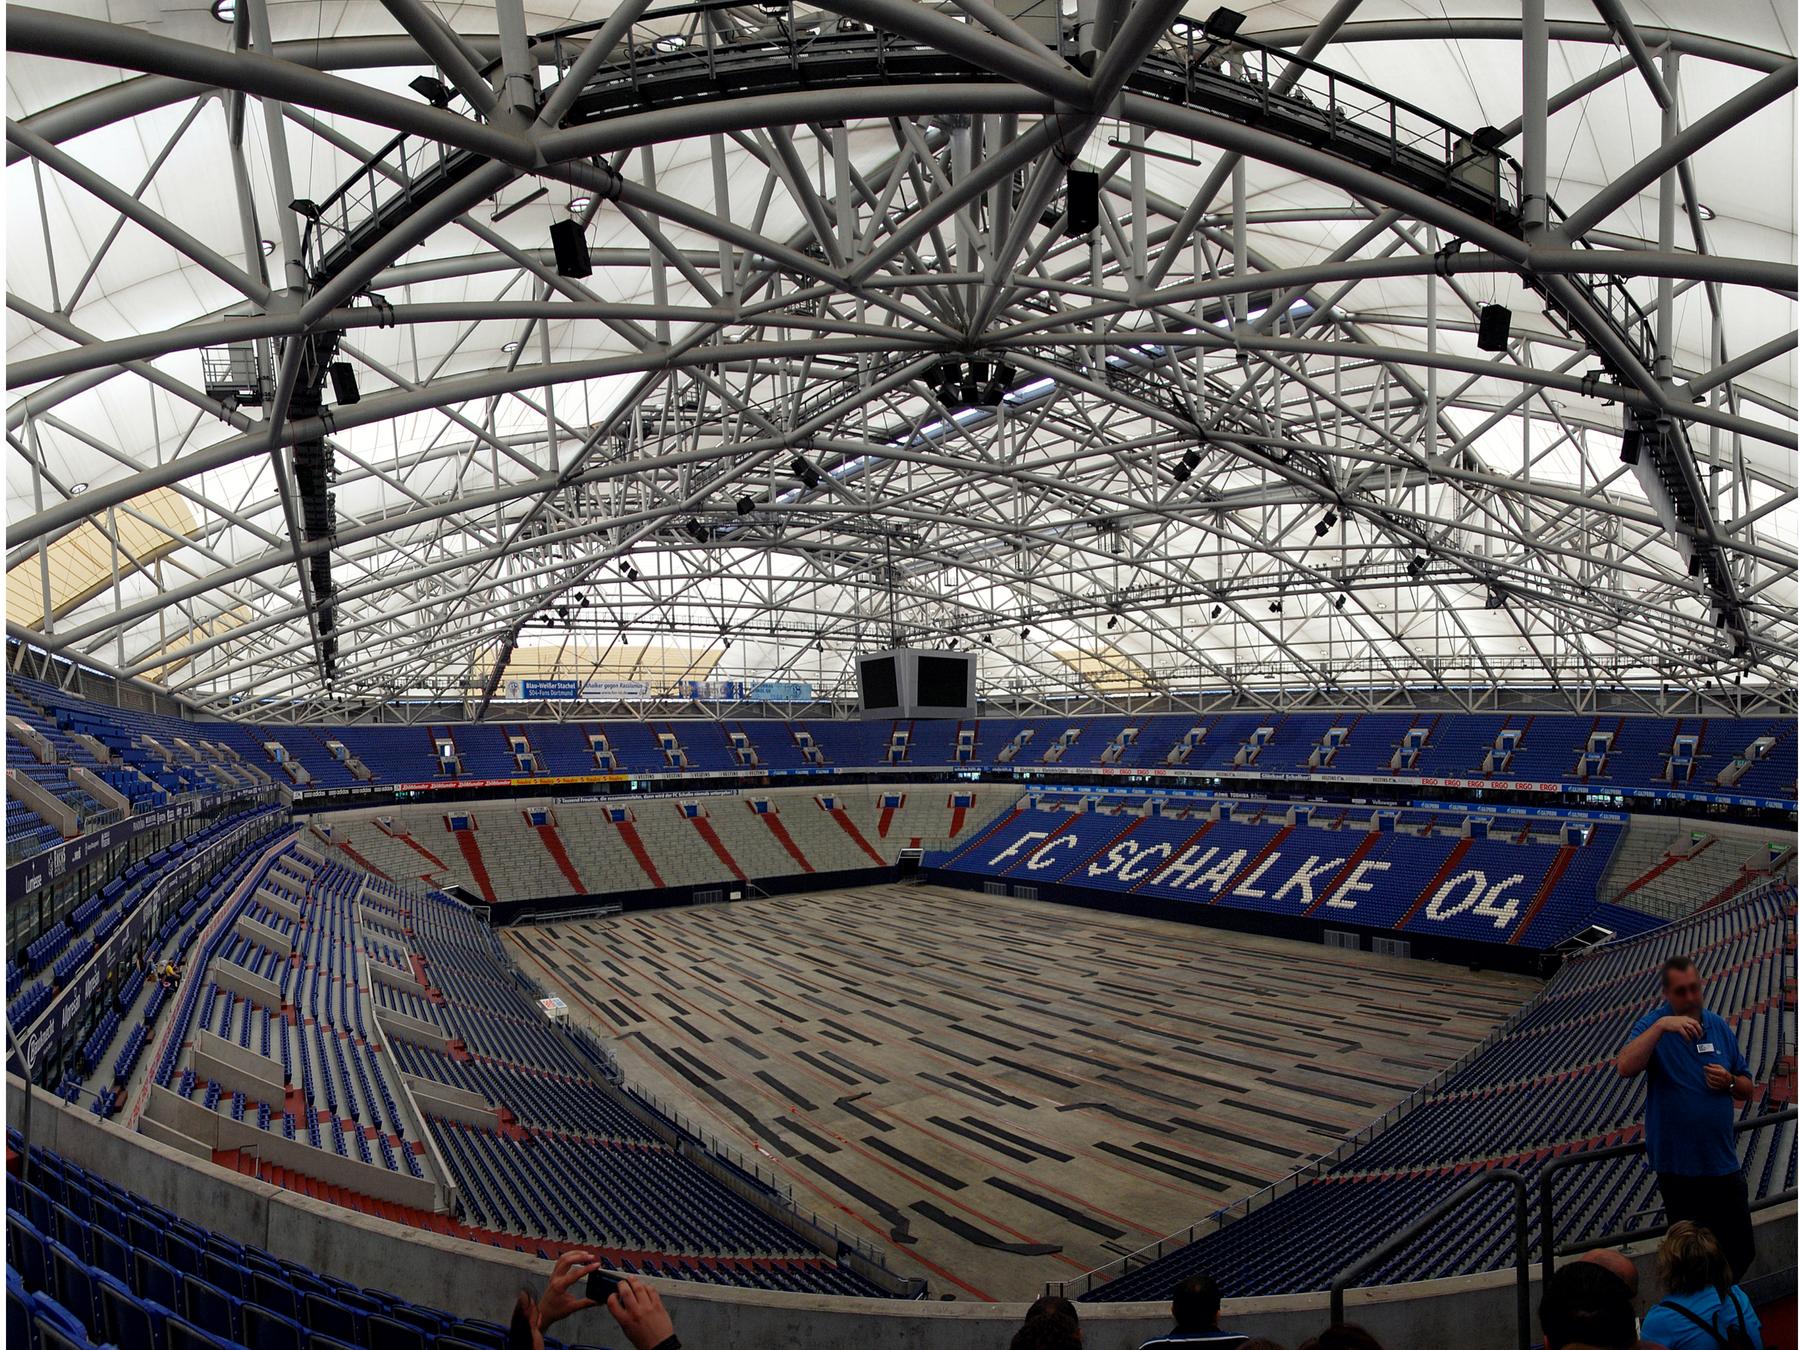 estádios-mais-legais-do-mundo-Calendário-da-copa-Veltins Os 20 estádios mais legais do mundo Calendário Copa 2018